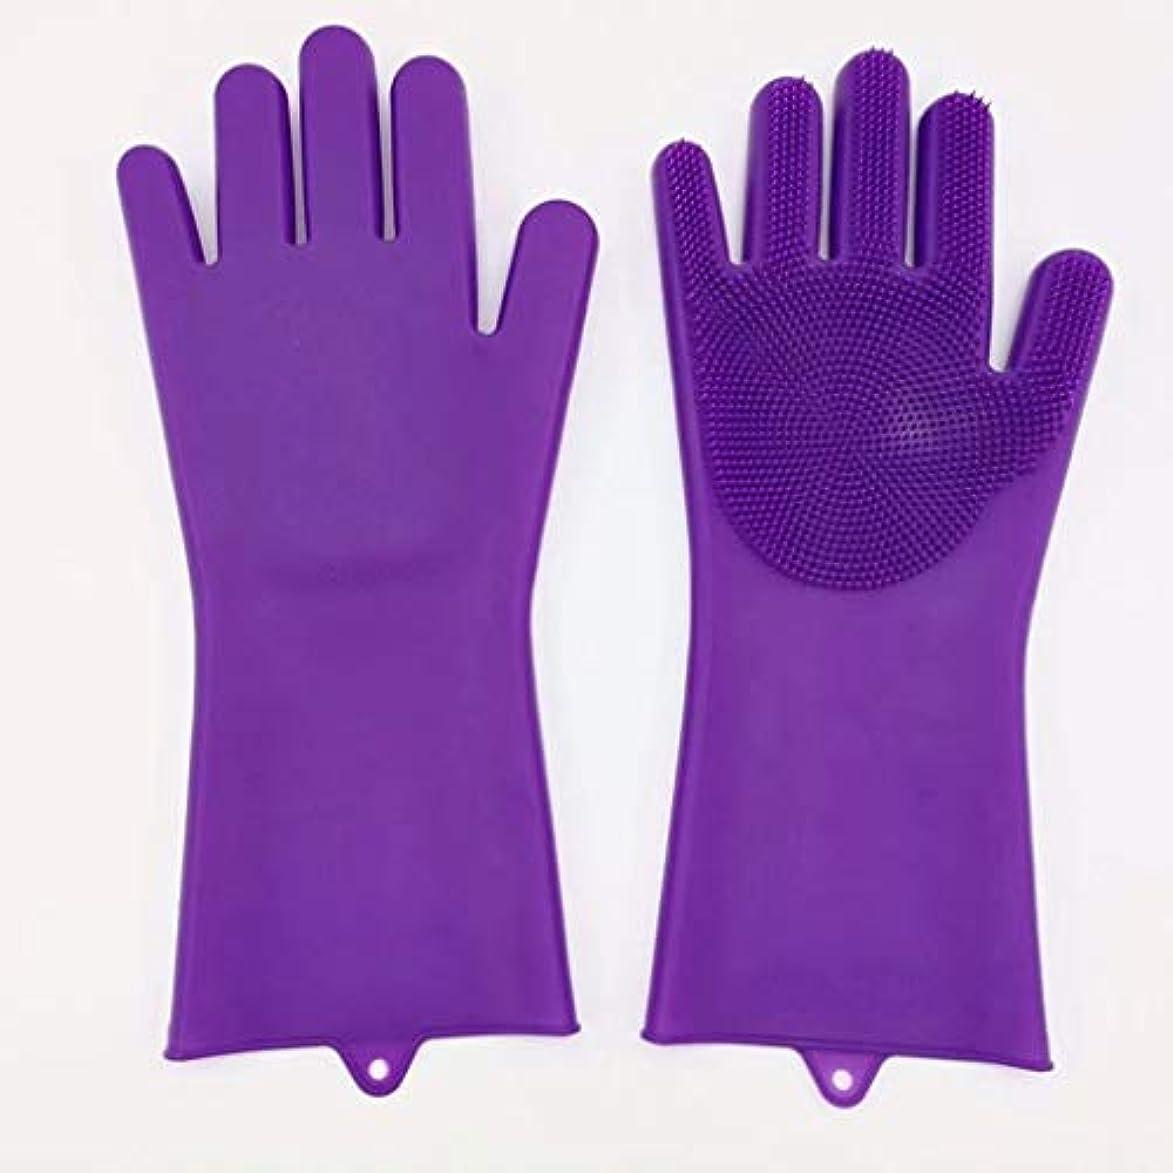 敬意を表するソビエトYYFRB 食器洗い用シリコーン手袋、台所掃除用マジックグローブ、滑り止め防水高温手袋3色オプション 手袋 (Color : Purple)